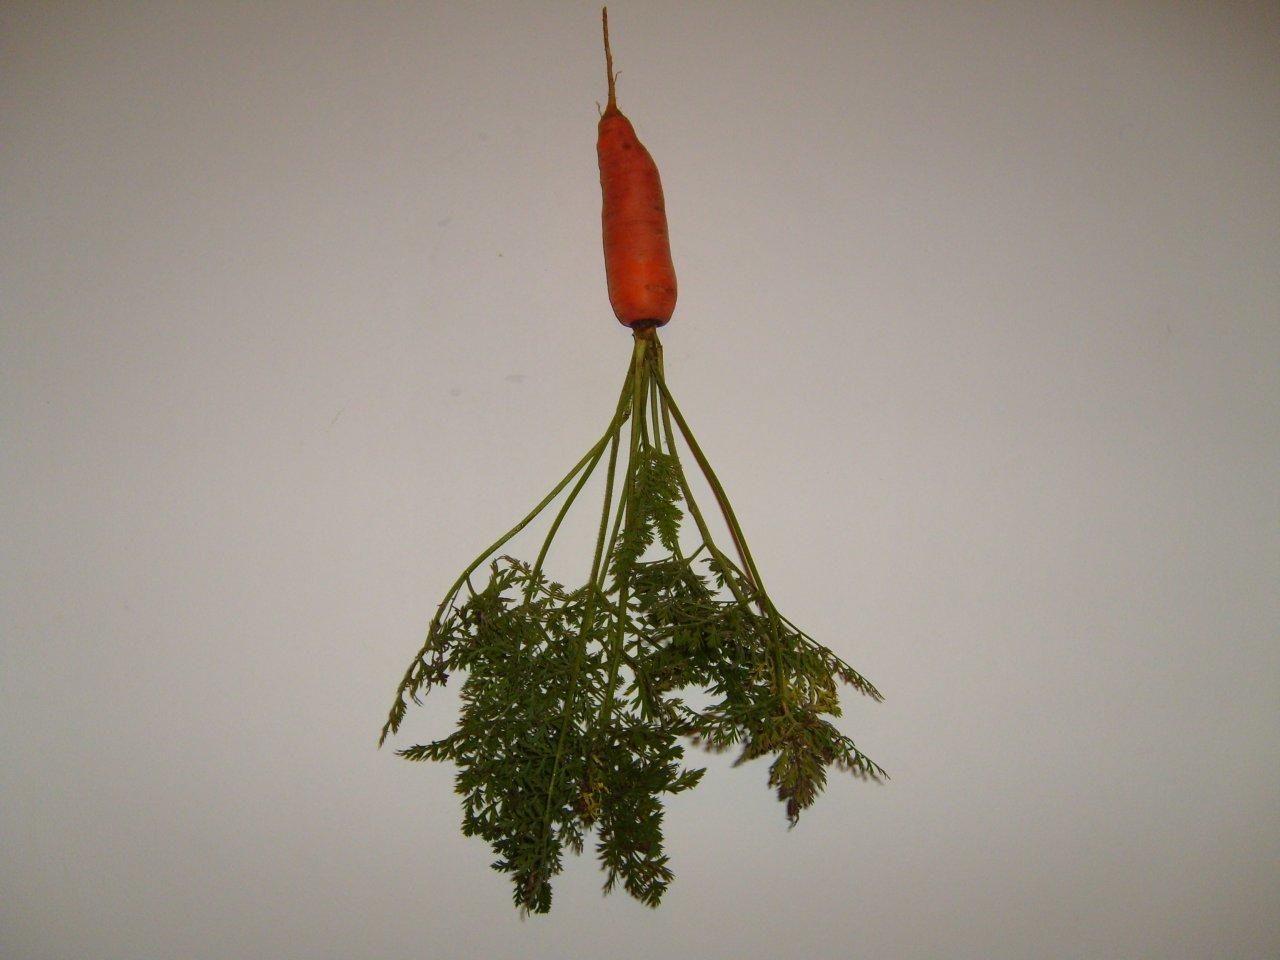 Image libre carotte l gume fond blanc - Arbre a faible racine ...